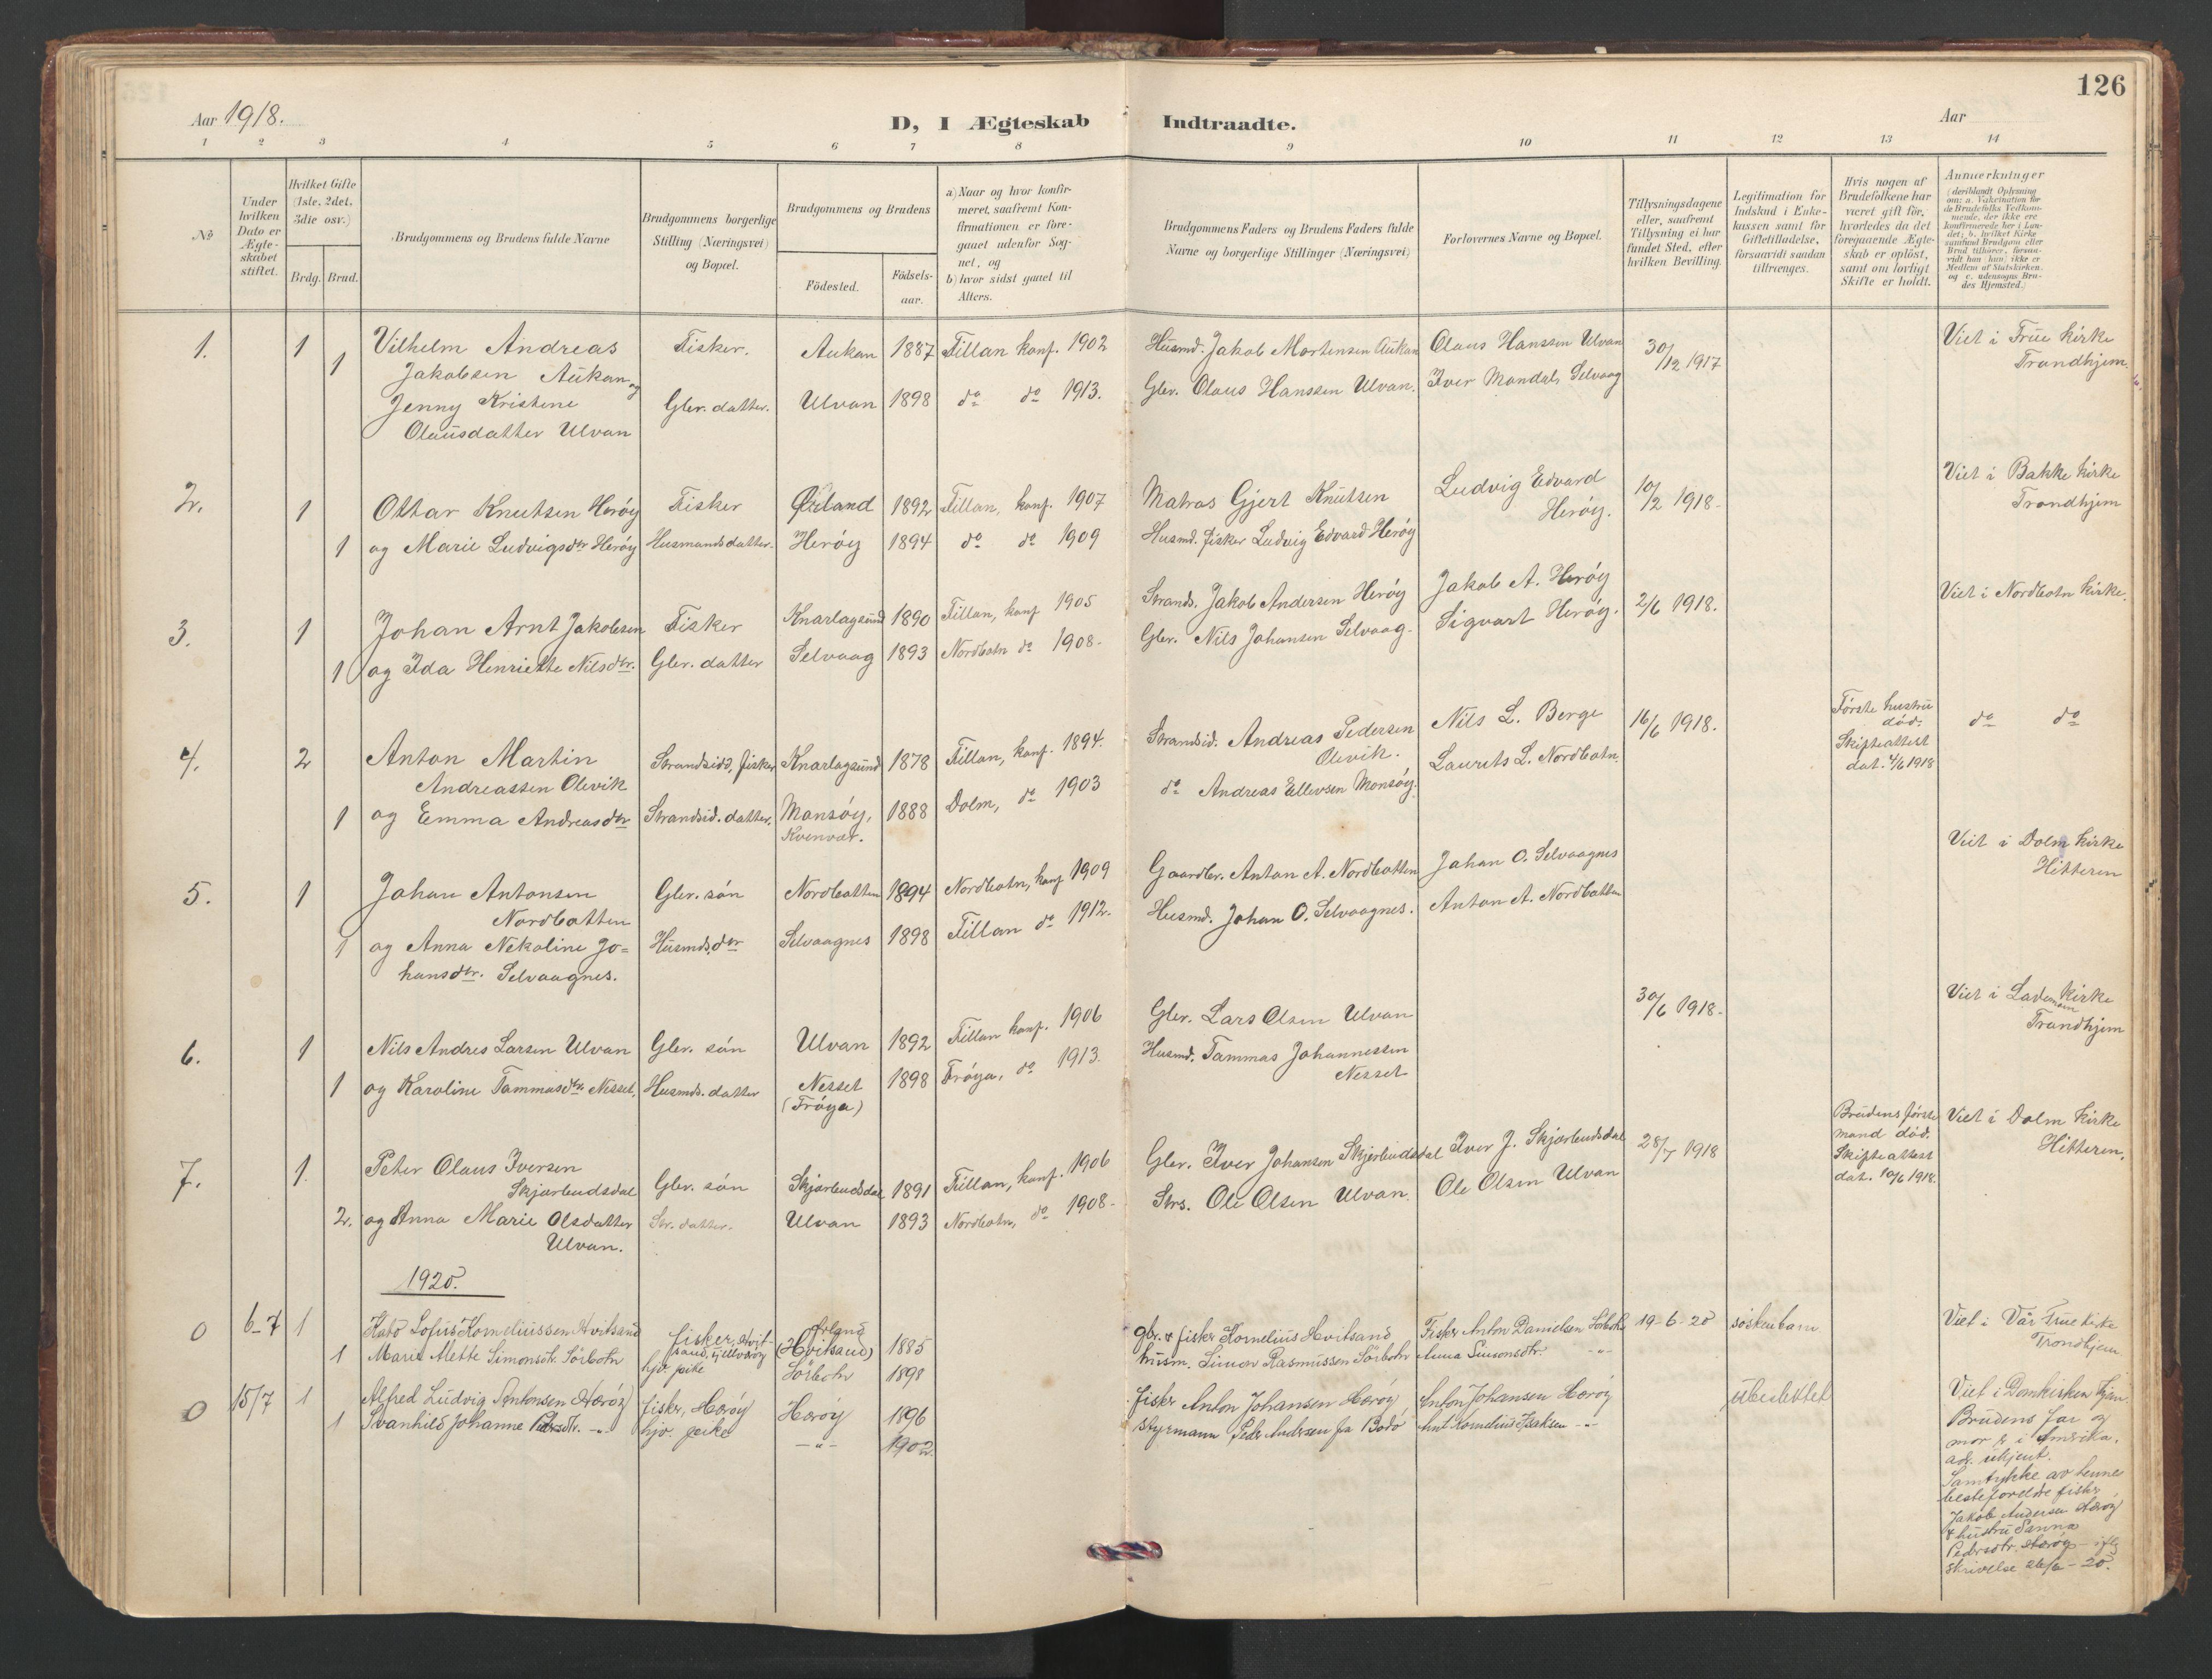 SAT, Ministerialprotokoller, klokkerbøker og fødselsregistre - Sør-Trøndelag, 638/L0571: Klokkerbok nr. 638C03, 1901-1930, s. 126